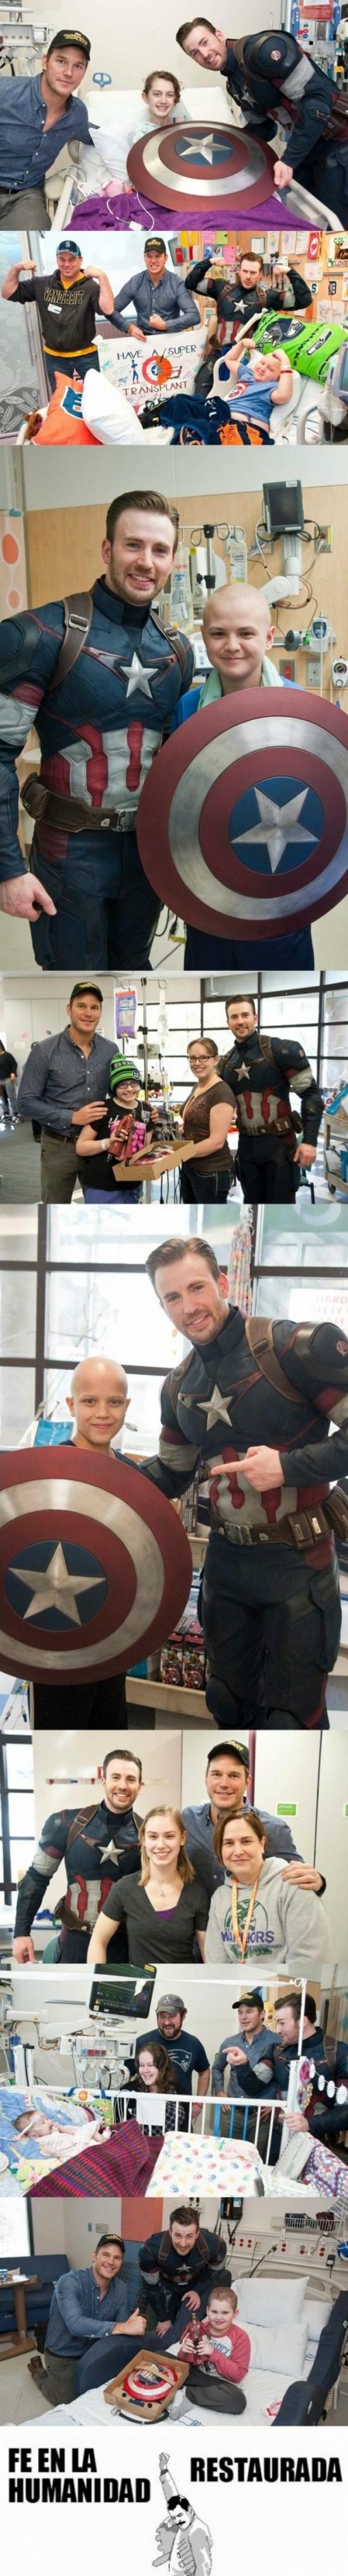 Freddie_mercury - ¡Estos son los verdaderos héroes para ayudar a salvar a la humanidad!